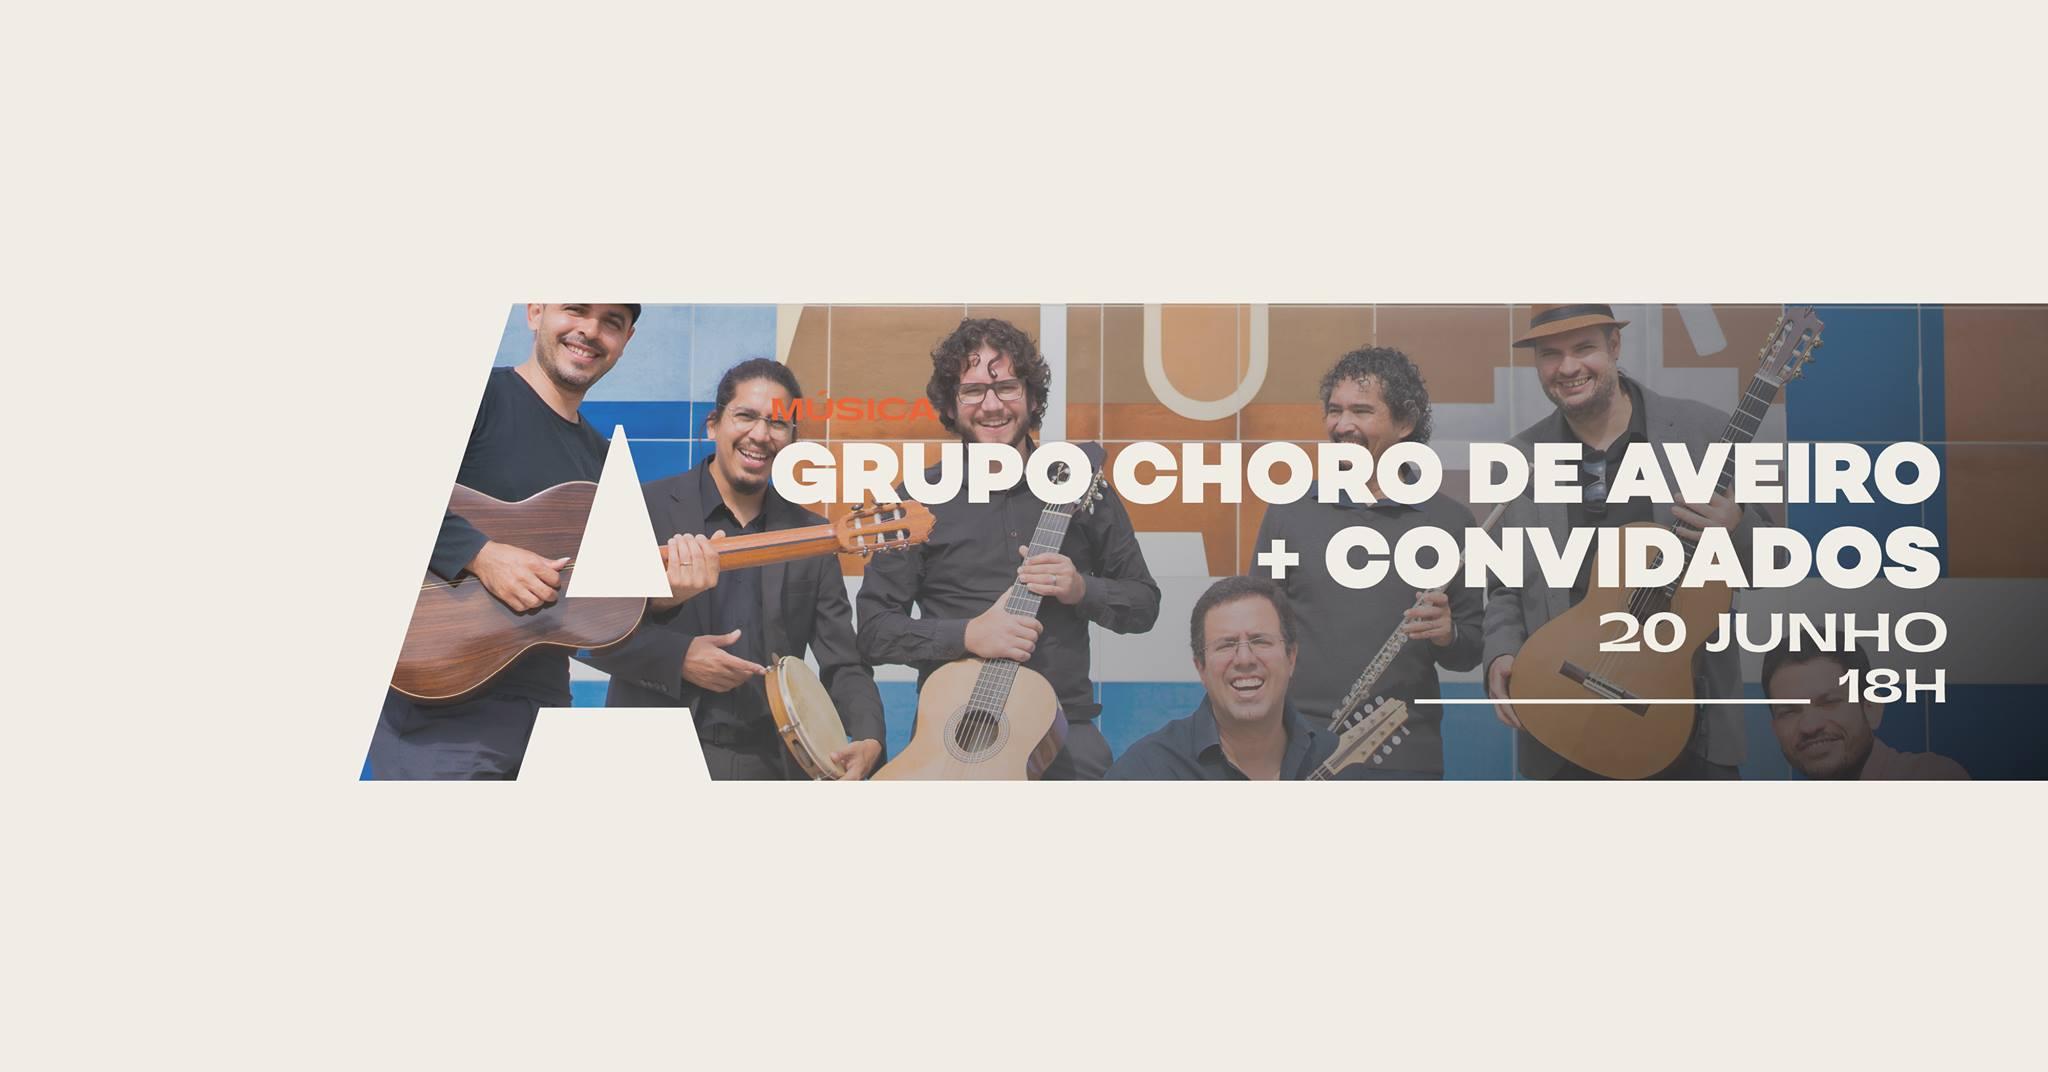 Grupo Choro de Aveiro + Convidados @Avenida Café-Concerto